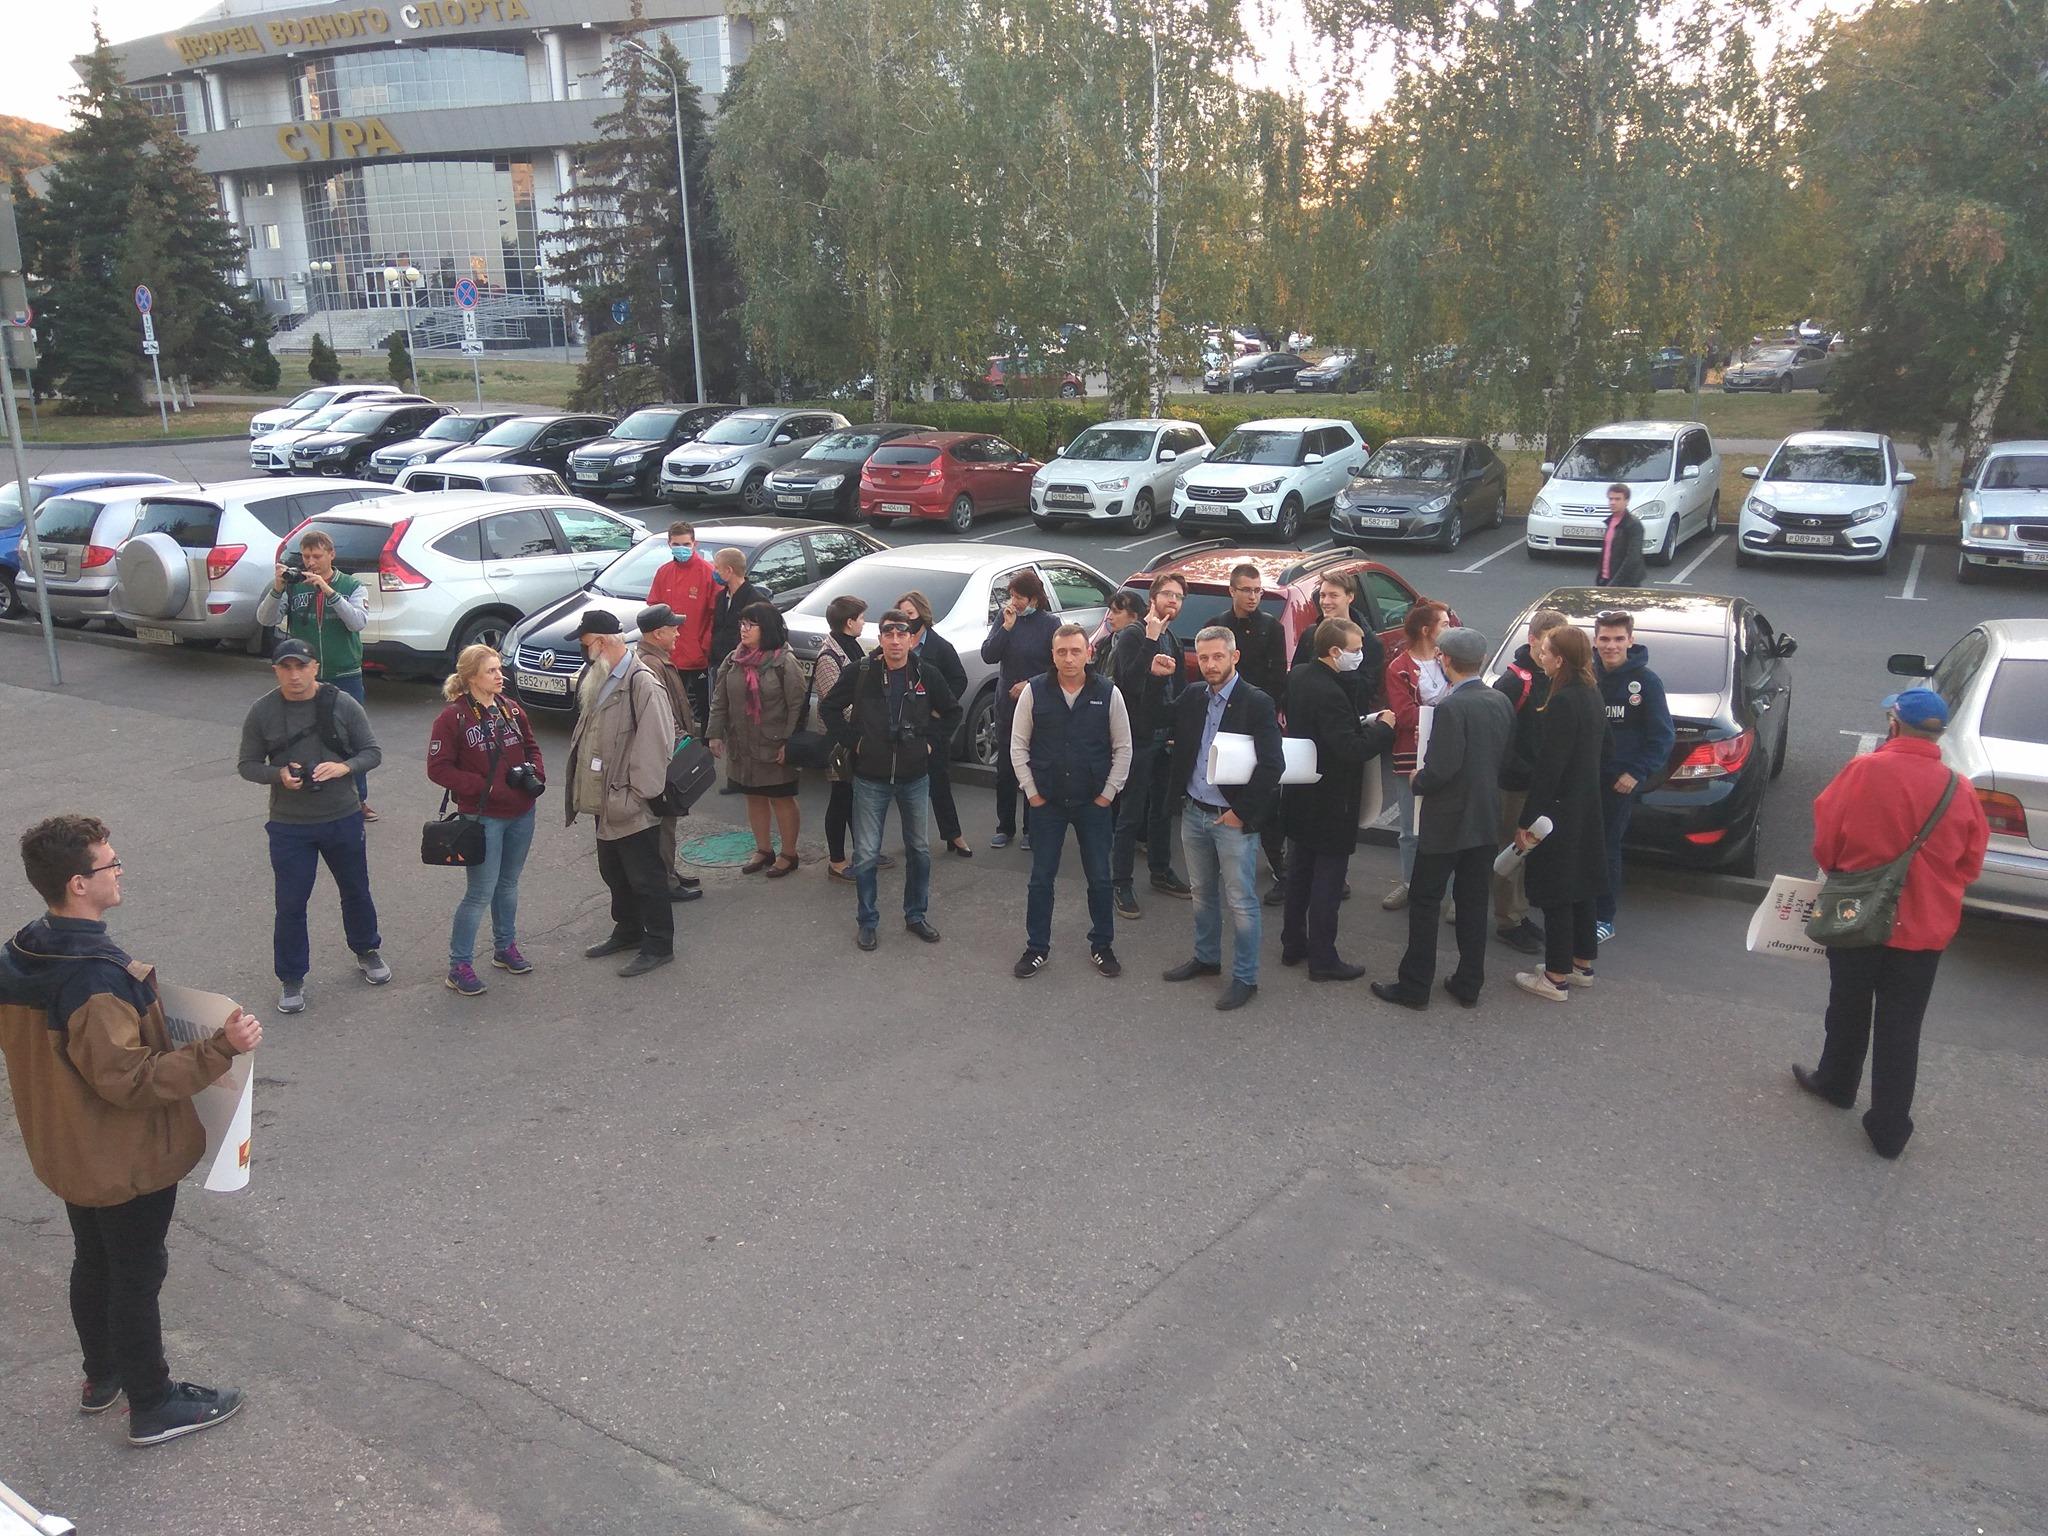 Пикет в защиту депутата Пензенской гордумы Виктора Хомца прошел с элементами издевательства над властью